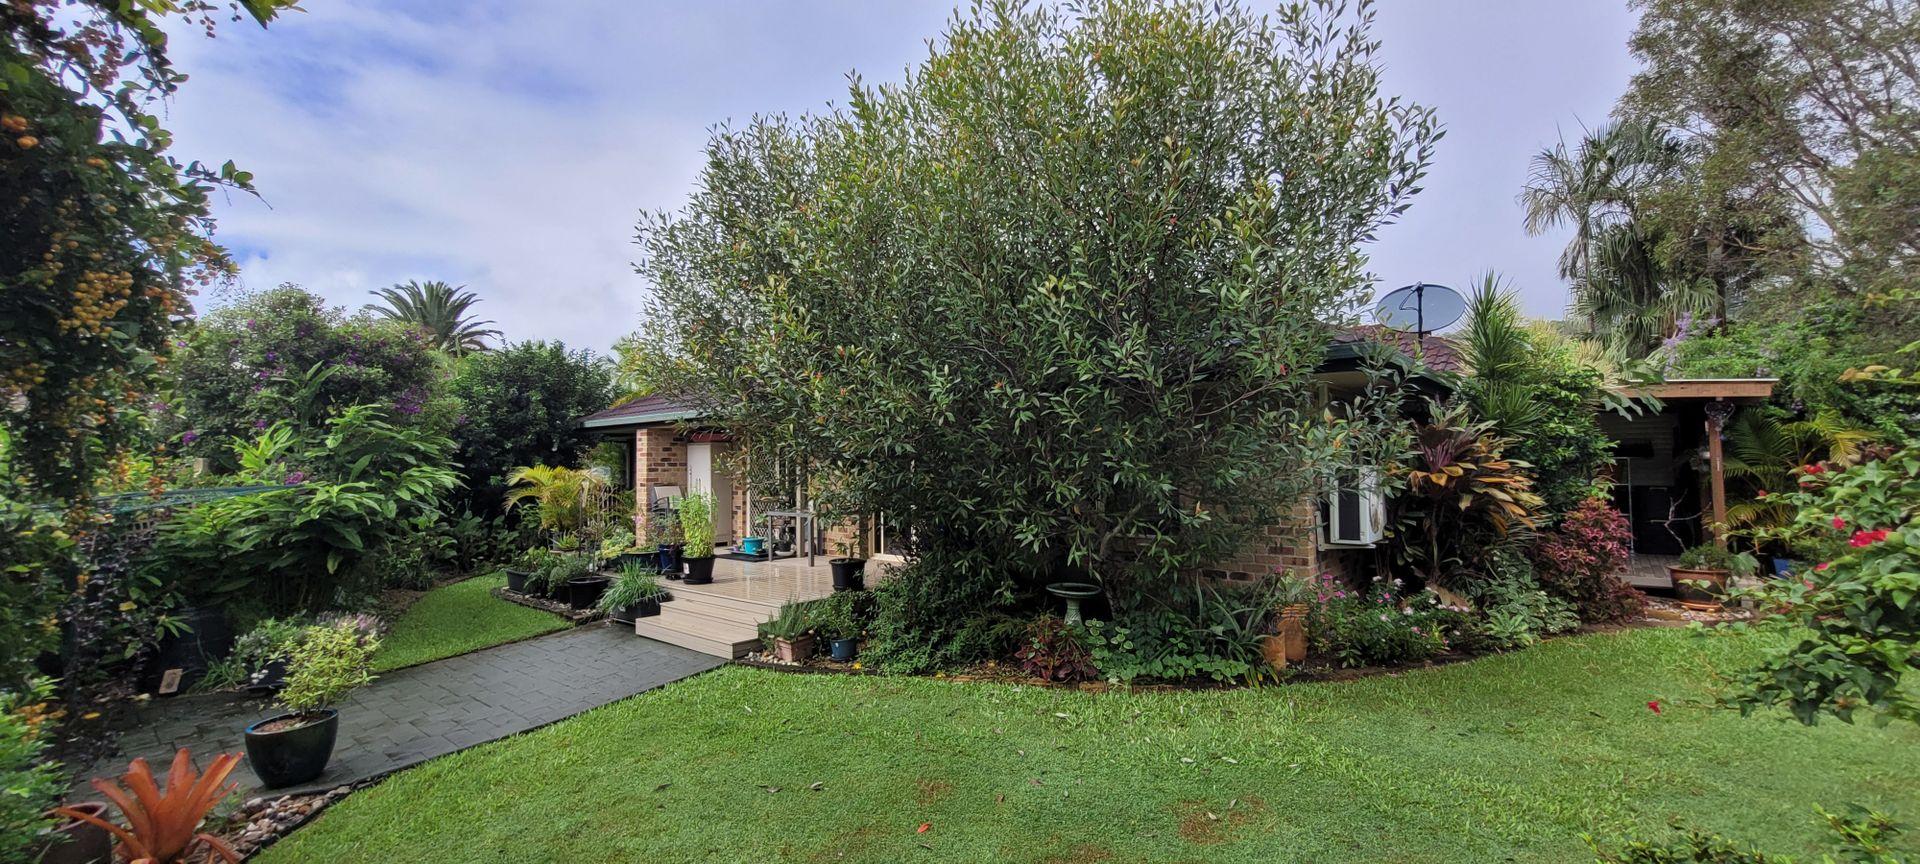 10/11-21 Lakeshore Avenue, Buderim QLD 4556, Image 0